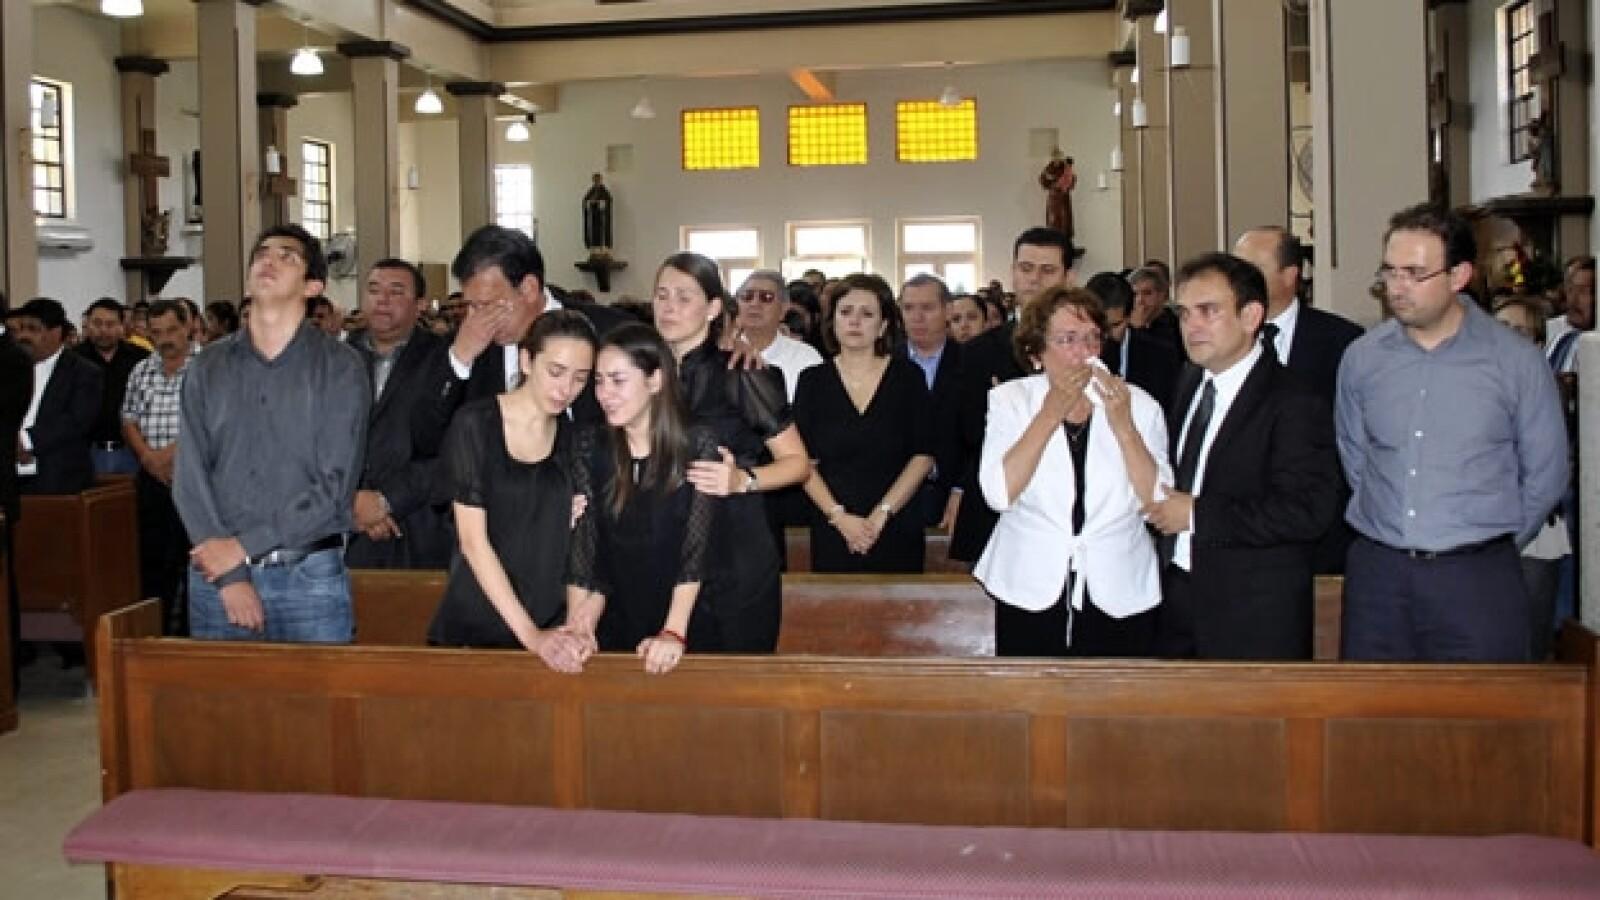 Misa funeral Jose Eduardo Moreira familia